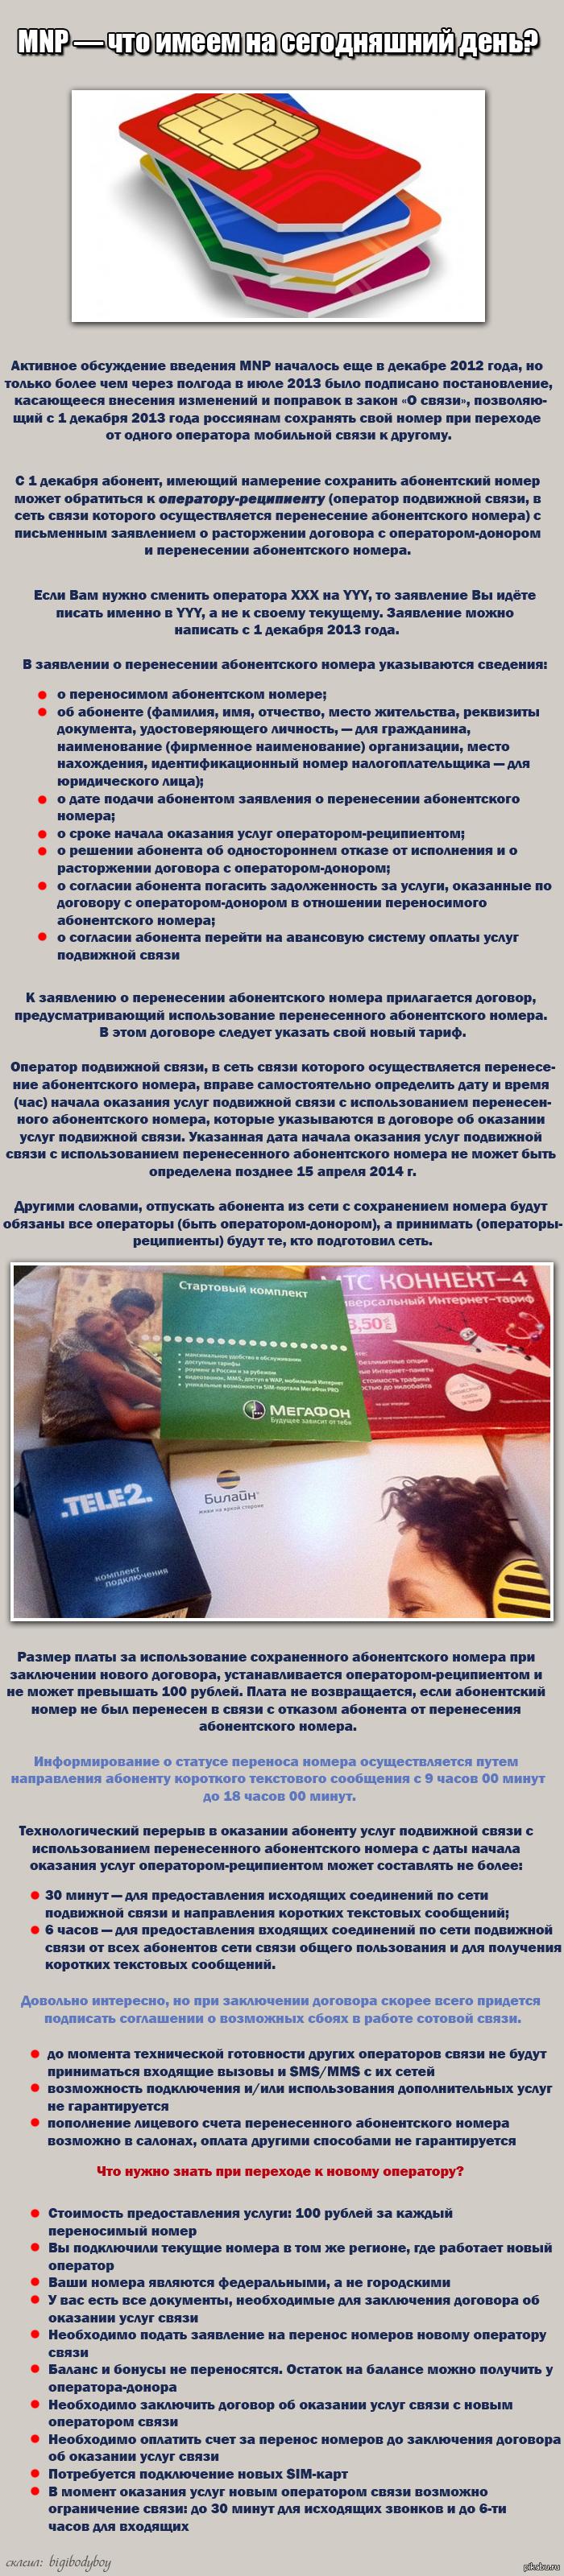 Информационный. на заметку тем, кто хочет сменить оператора сотовой связи.